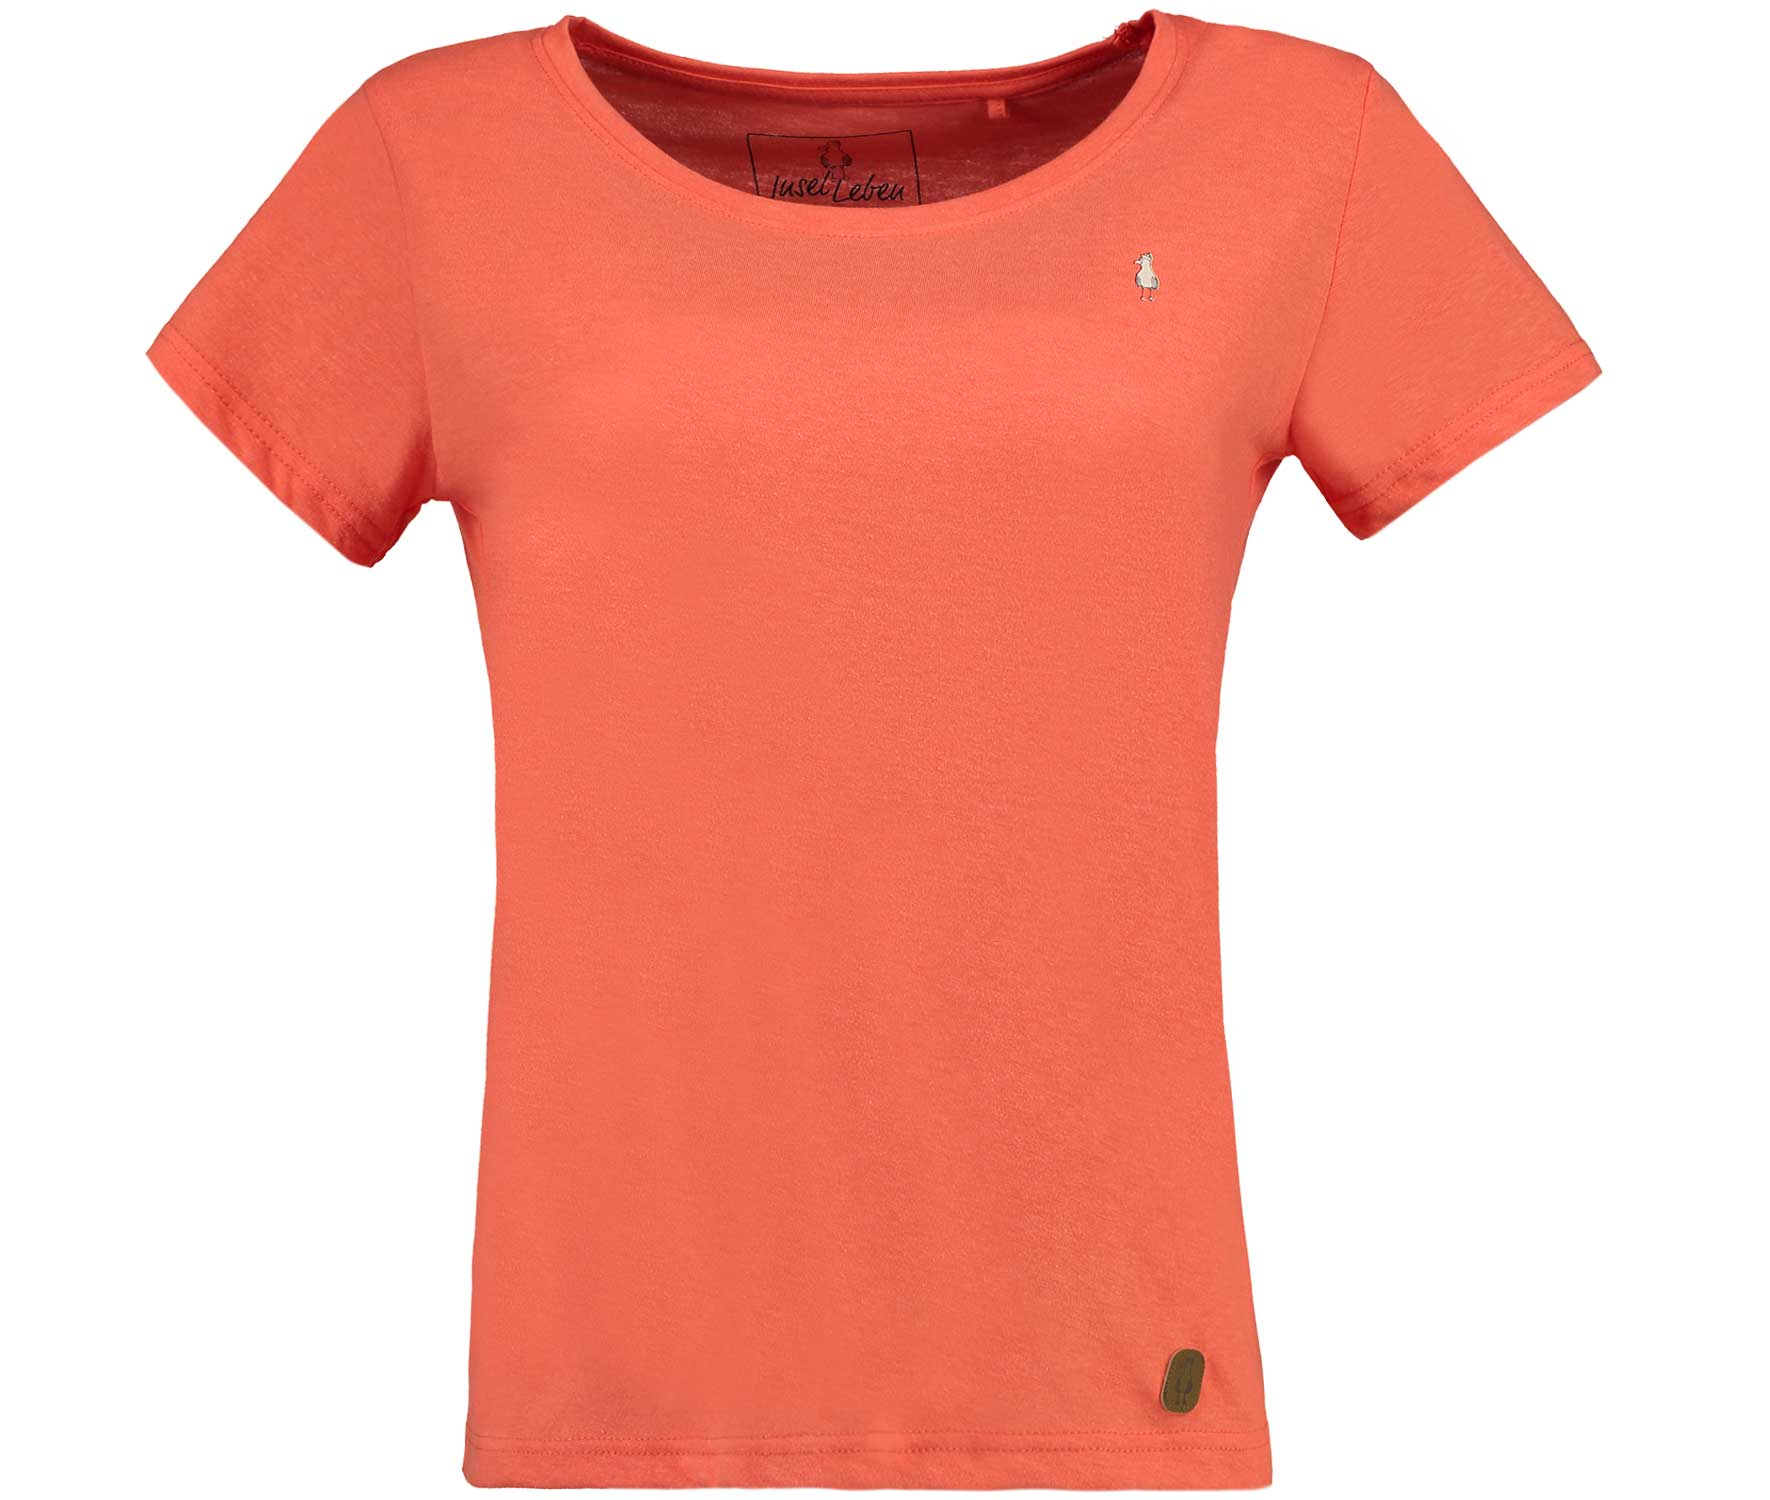 Damen Rot Tops & T Shirts